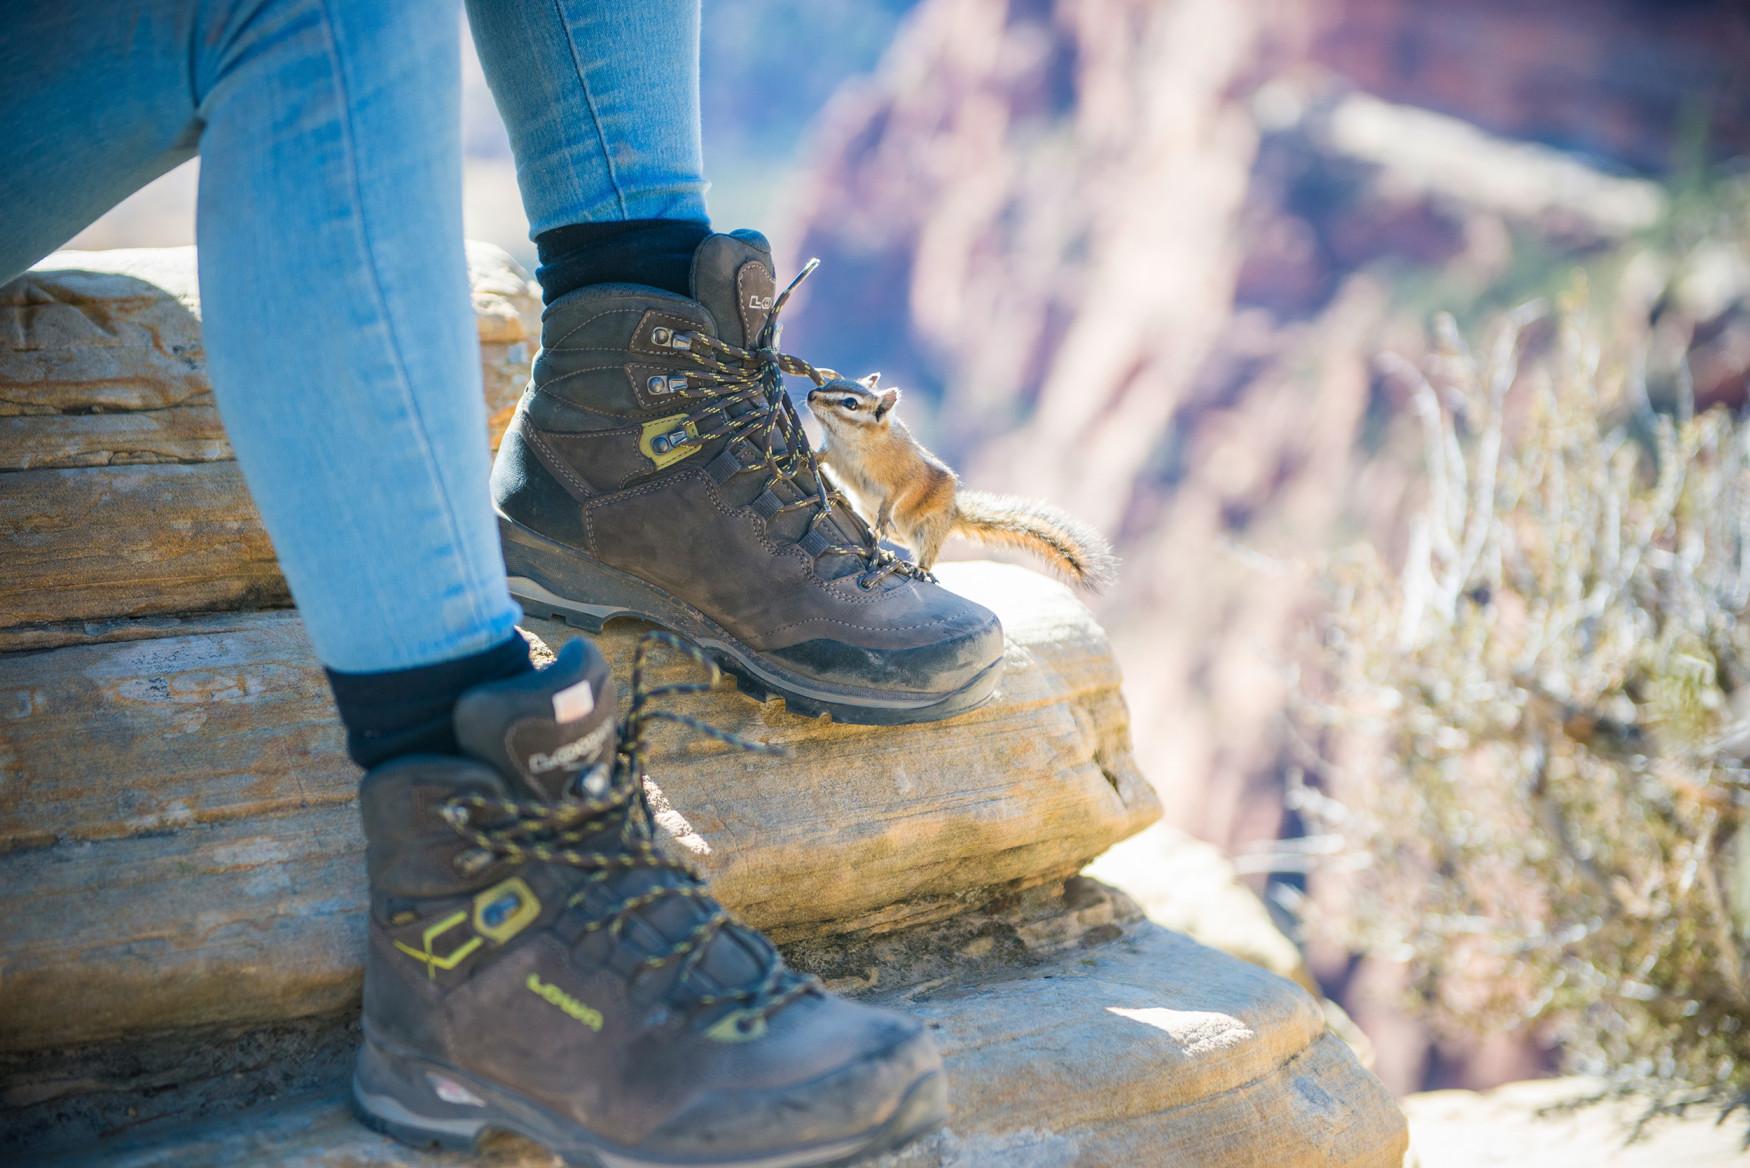 Da fällt die Entscheidung wirklich leicht: Der Trekkingschuh LADY LIGHT LL ist nicht nur in Sachen Komfort ganz vorne mit dabei, sondern punktet auch mit einer erstklassigen Ausstattung. Allein die  VIBRAM®-TRAC-LITE-II-Sohle sorgt für Wanderqualität auf unterschiedlichsten Untergründen. Speziell auf die weibliche Anatomie abgestimmt, überzeugt der Schuh durch den Einsatz von qualitativ hochwertigem Leder – Außen wie innen. Damit der Wanderschuh auch sicher zu allen Füßen passt, kommt die Zweizonenschnürung zum Einsatz.